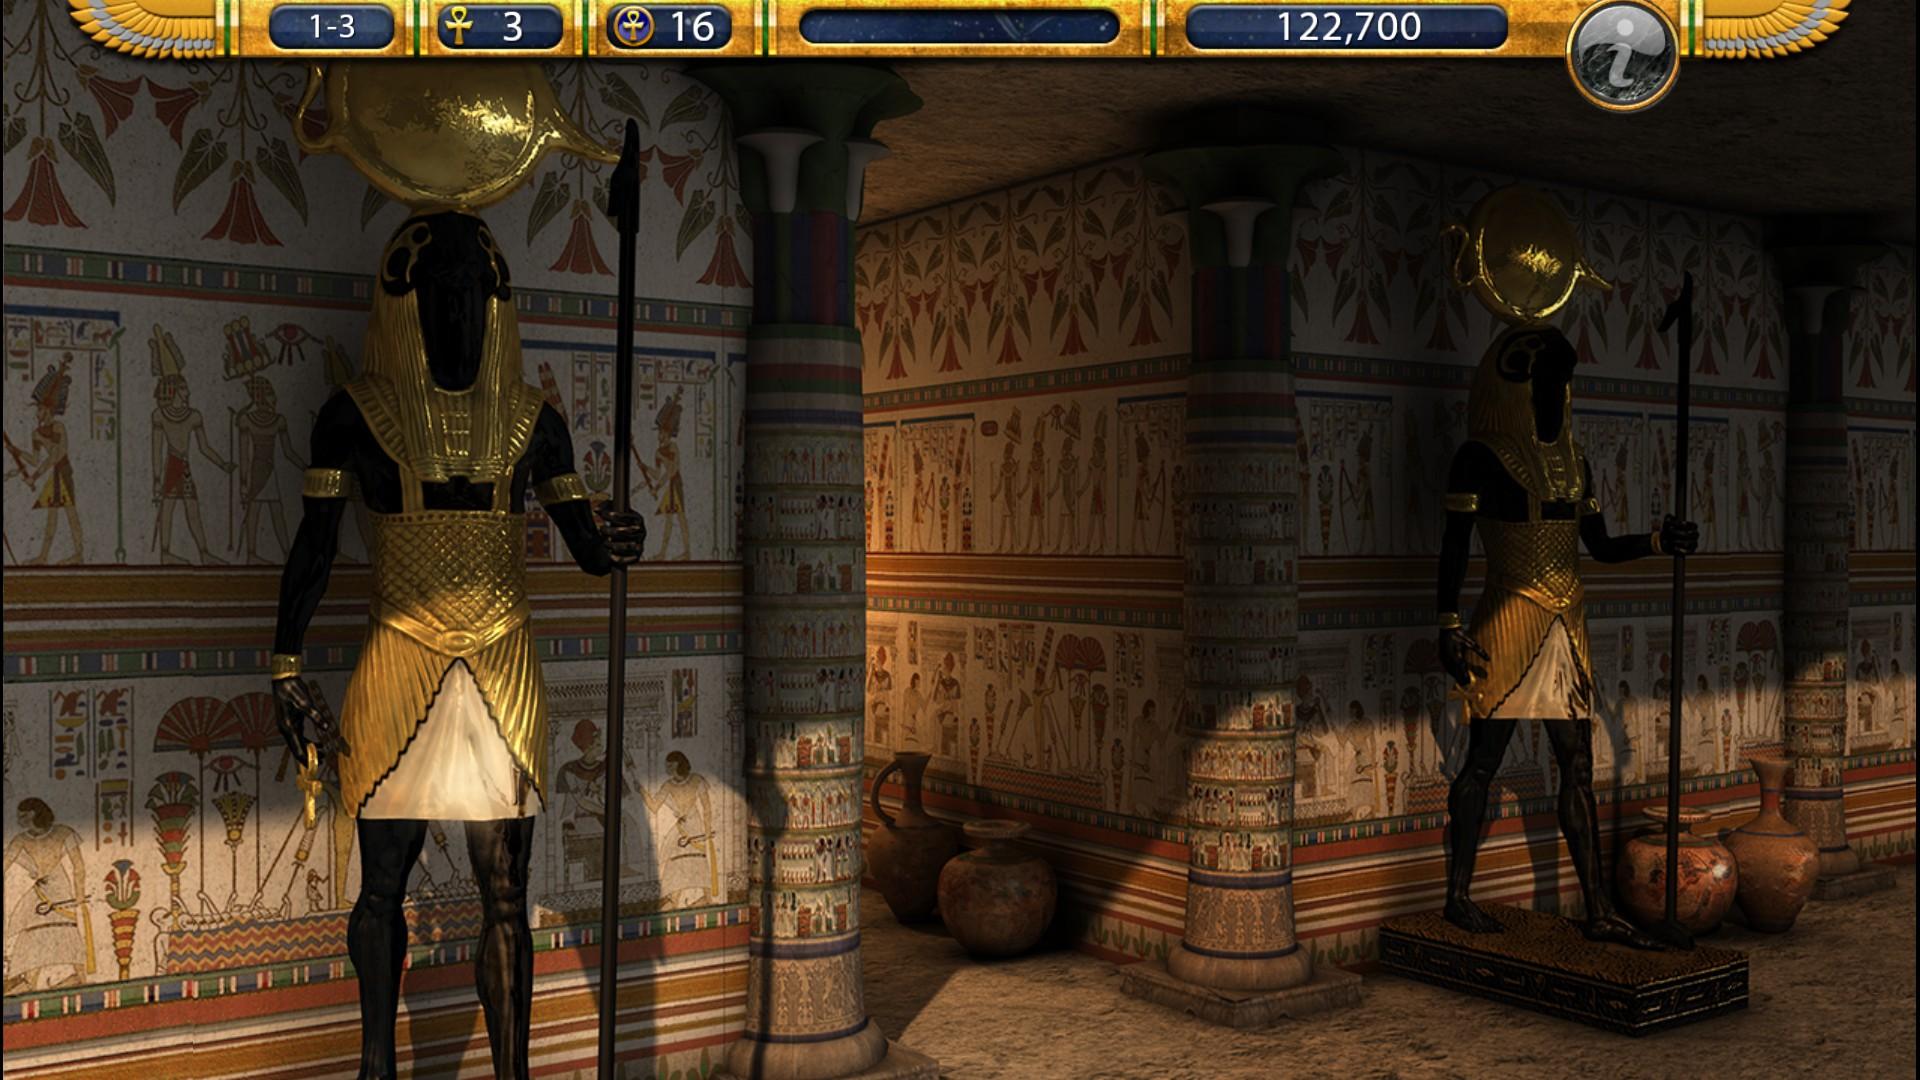 Zuma Video Game - IPad Screenshot 2 Pleasant Project On Www shv